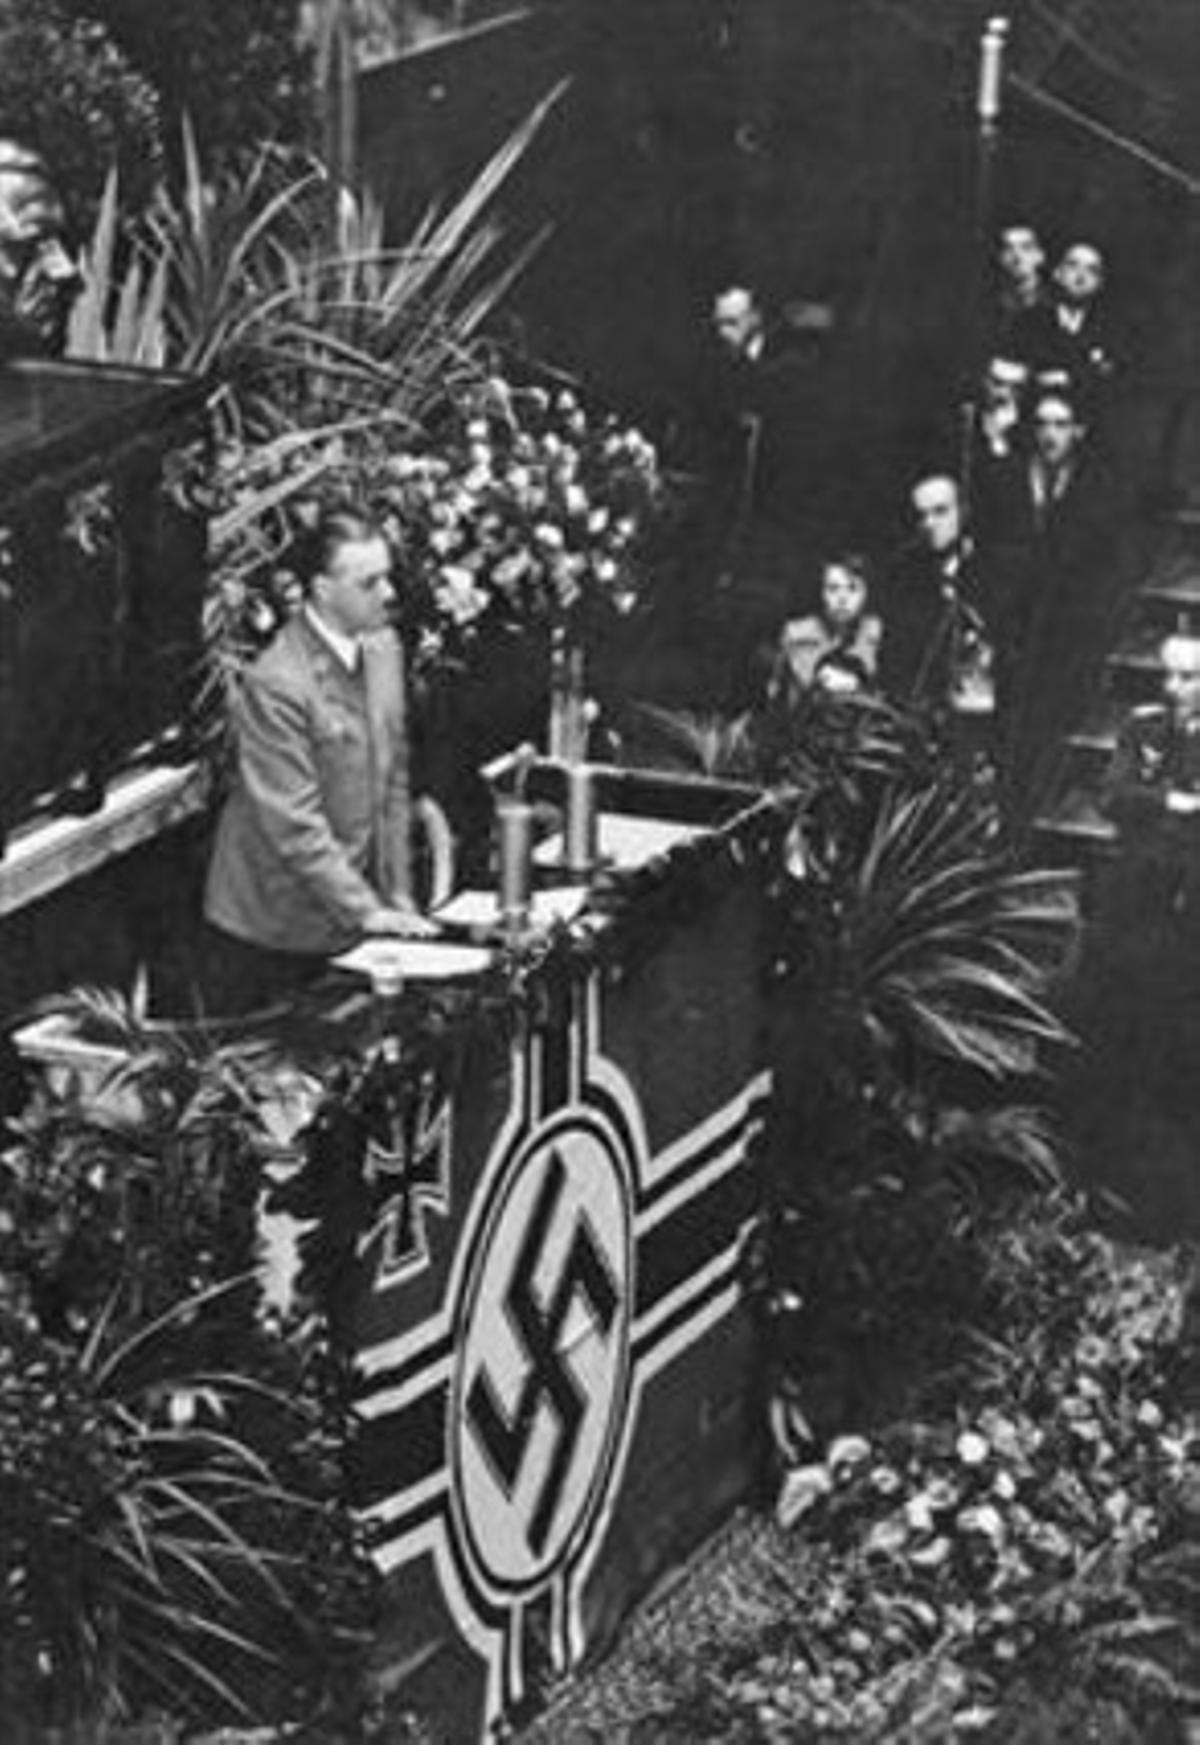 Rosenberg da un discurso enla Asamblea Nacional francesa, el 18 de noviembre de 1940, ante representantes de la Wehrmacht y el partido nazi.